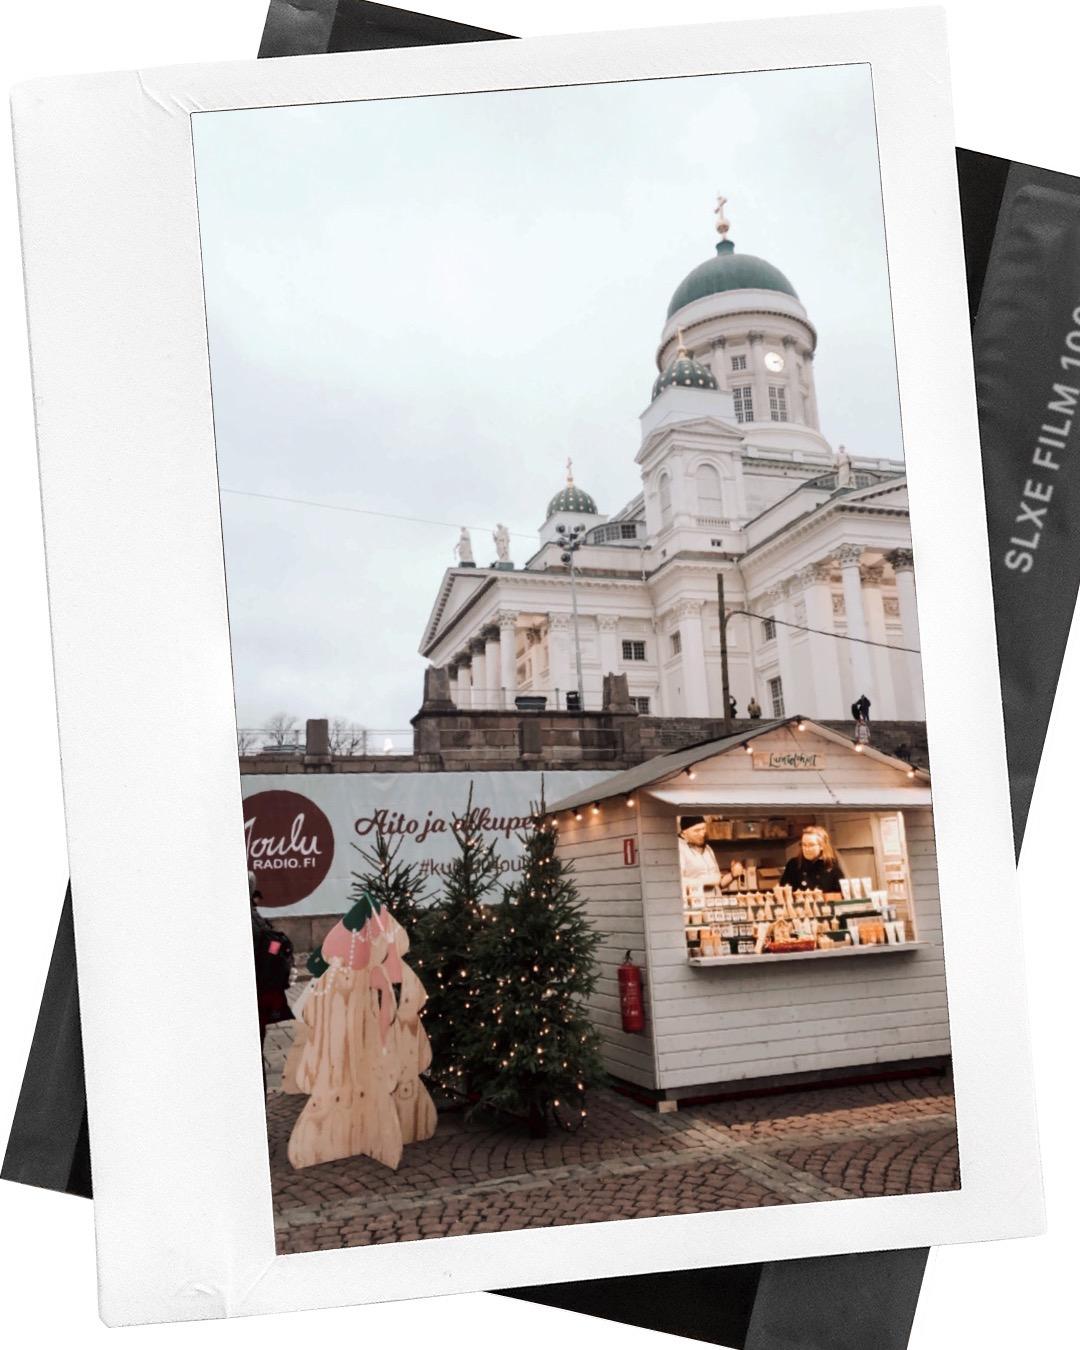 Christmas market at Helsinki Cathedral - Tuomaan markkinat, Tuomiokirkko